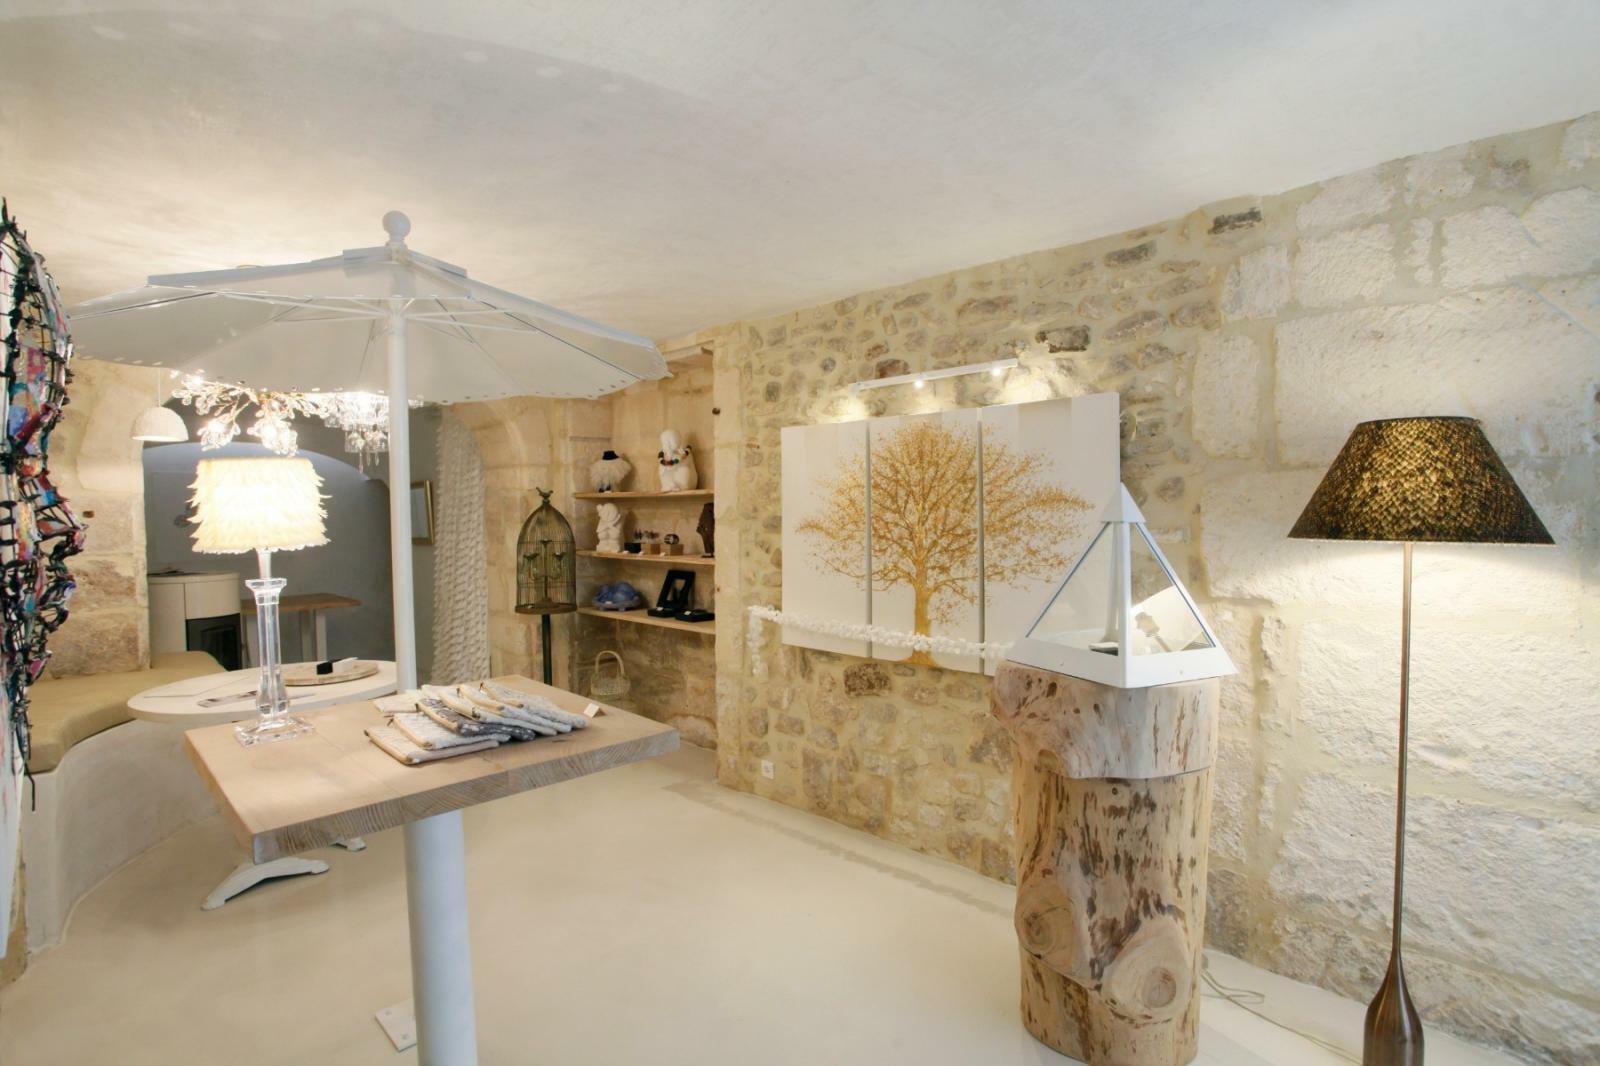 Villa in Saint-Rémy-de-Provence, Provence-Alpes-Côte d'Azur, France 1